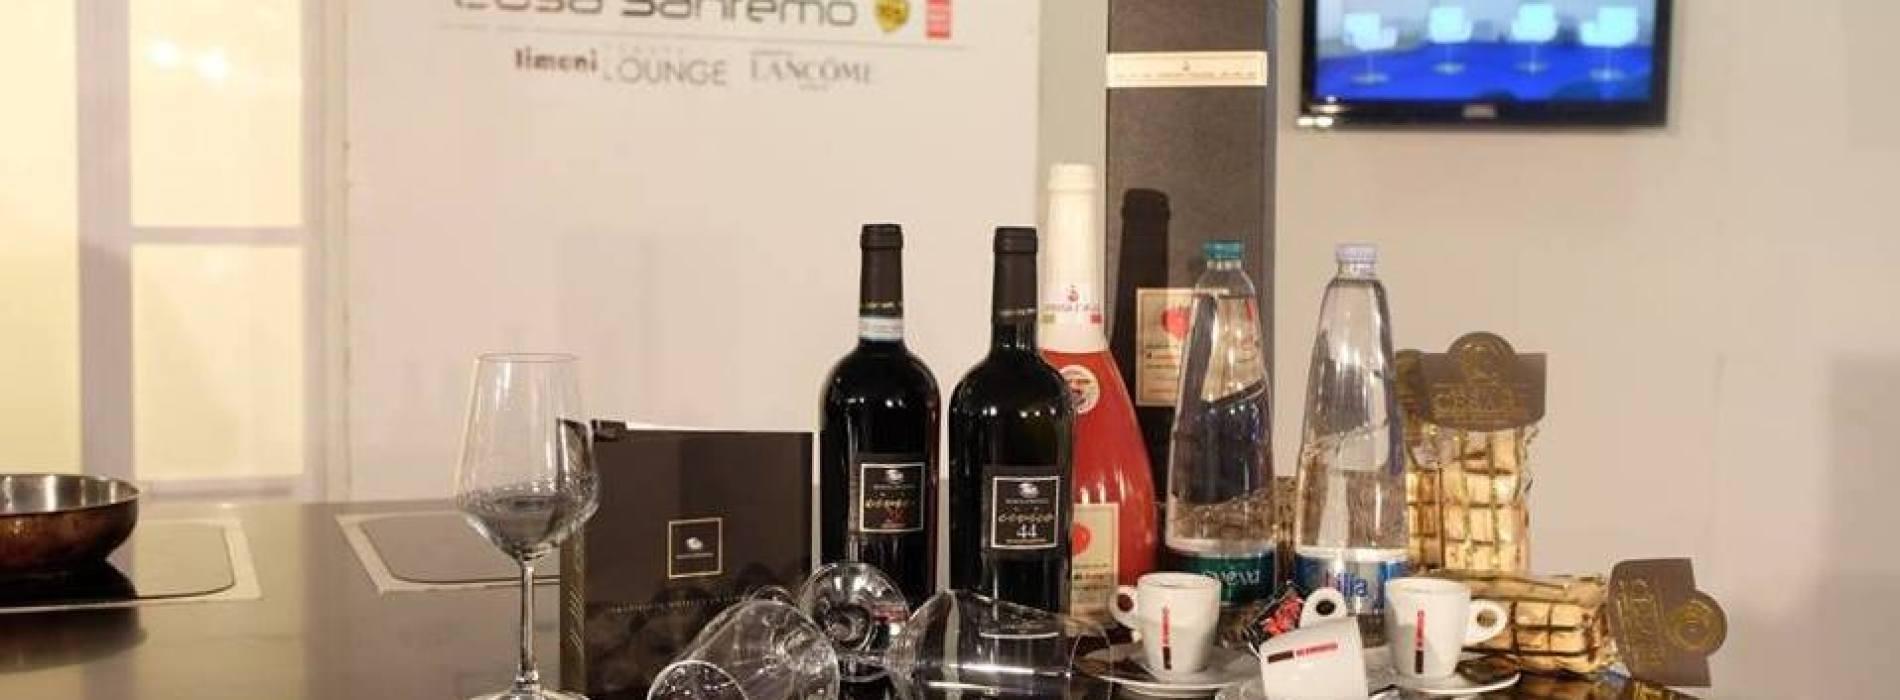 Started! Porte aperte a Casa Sanremo con i vini Fontana